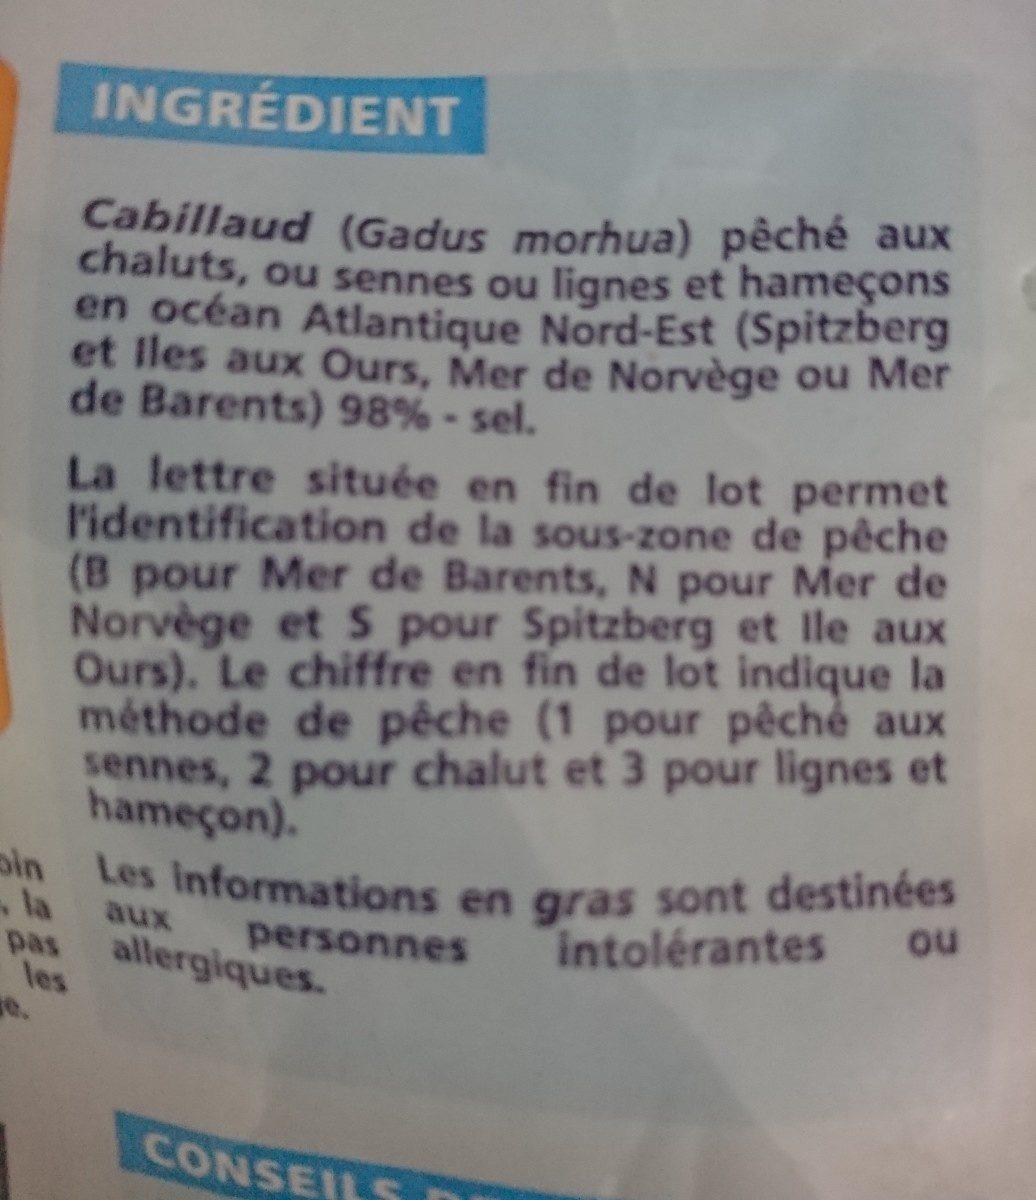 Filets de morue - Ingrédients - fr